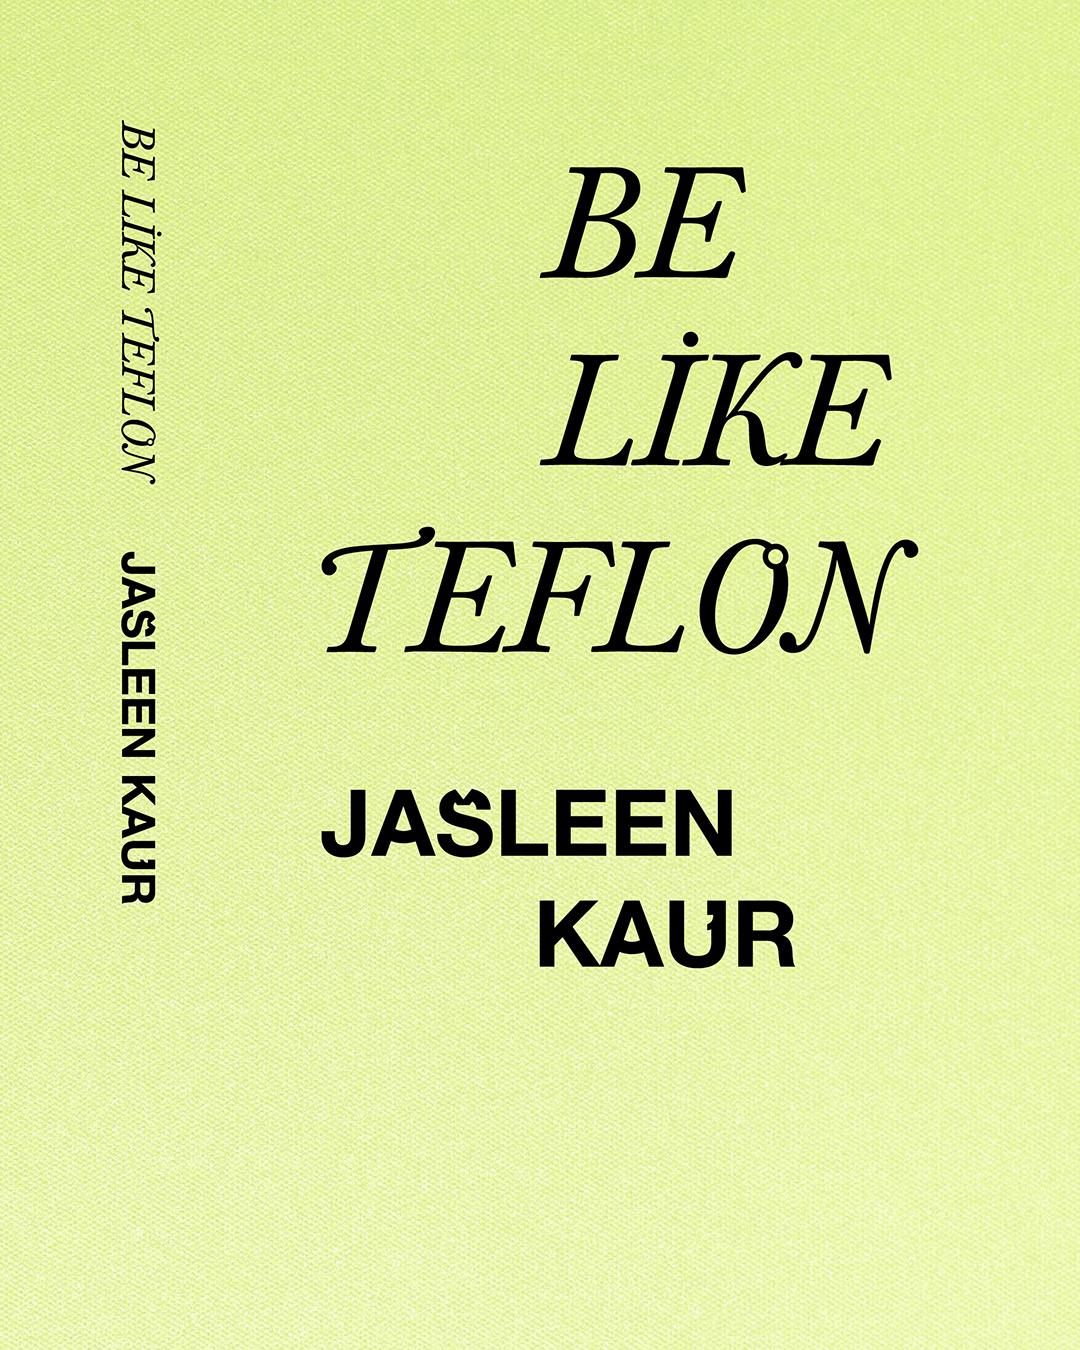 Jk Press Cover 013 Copy 2